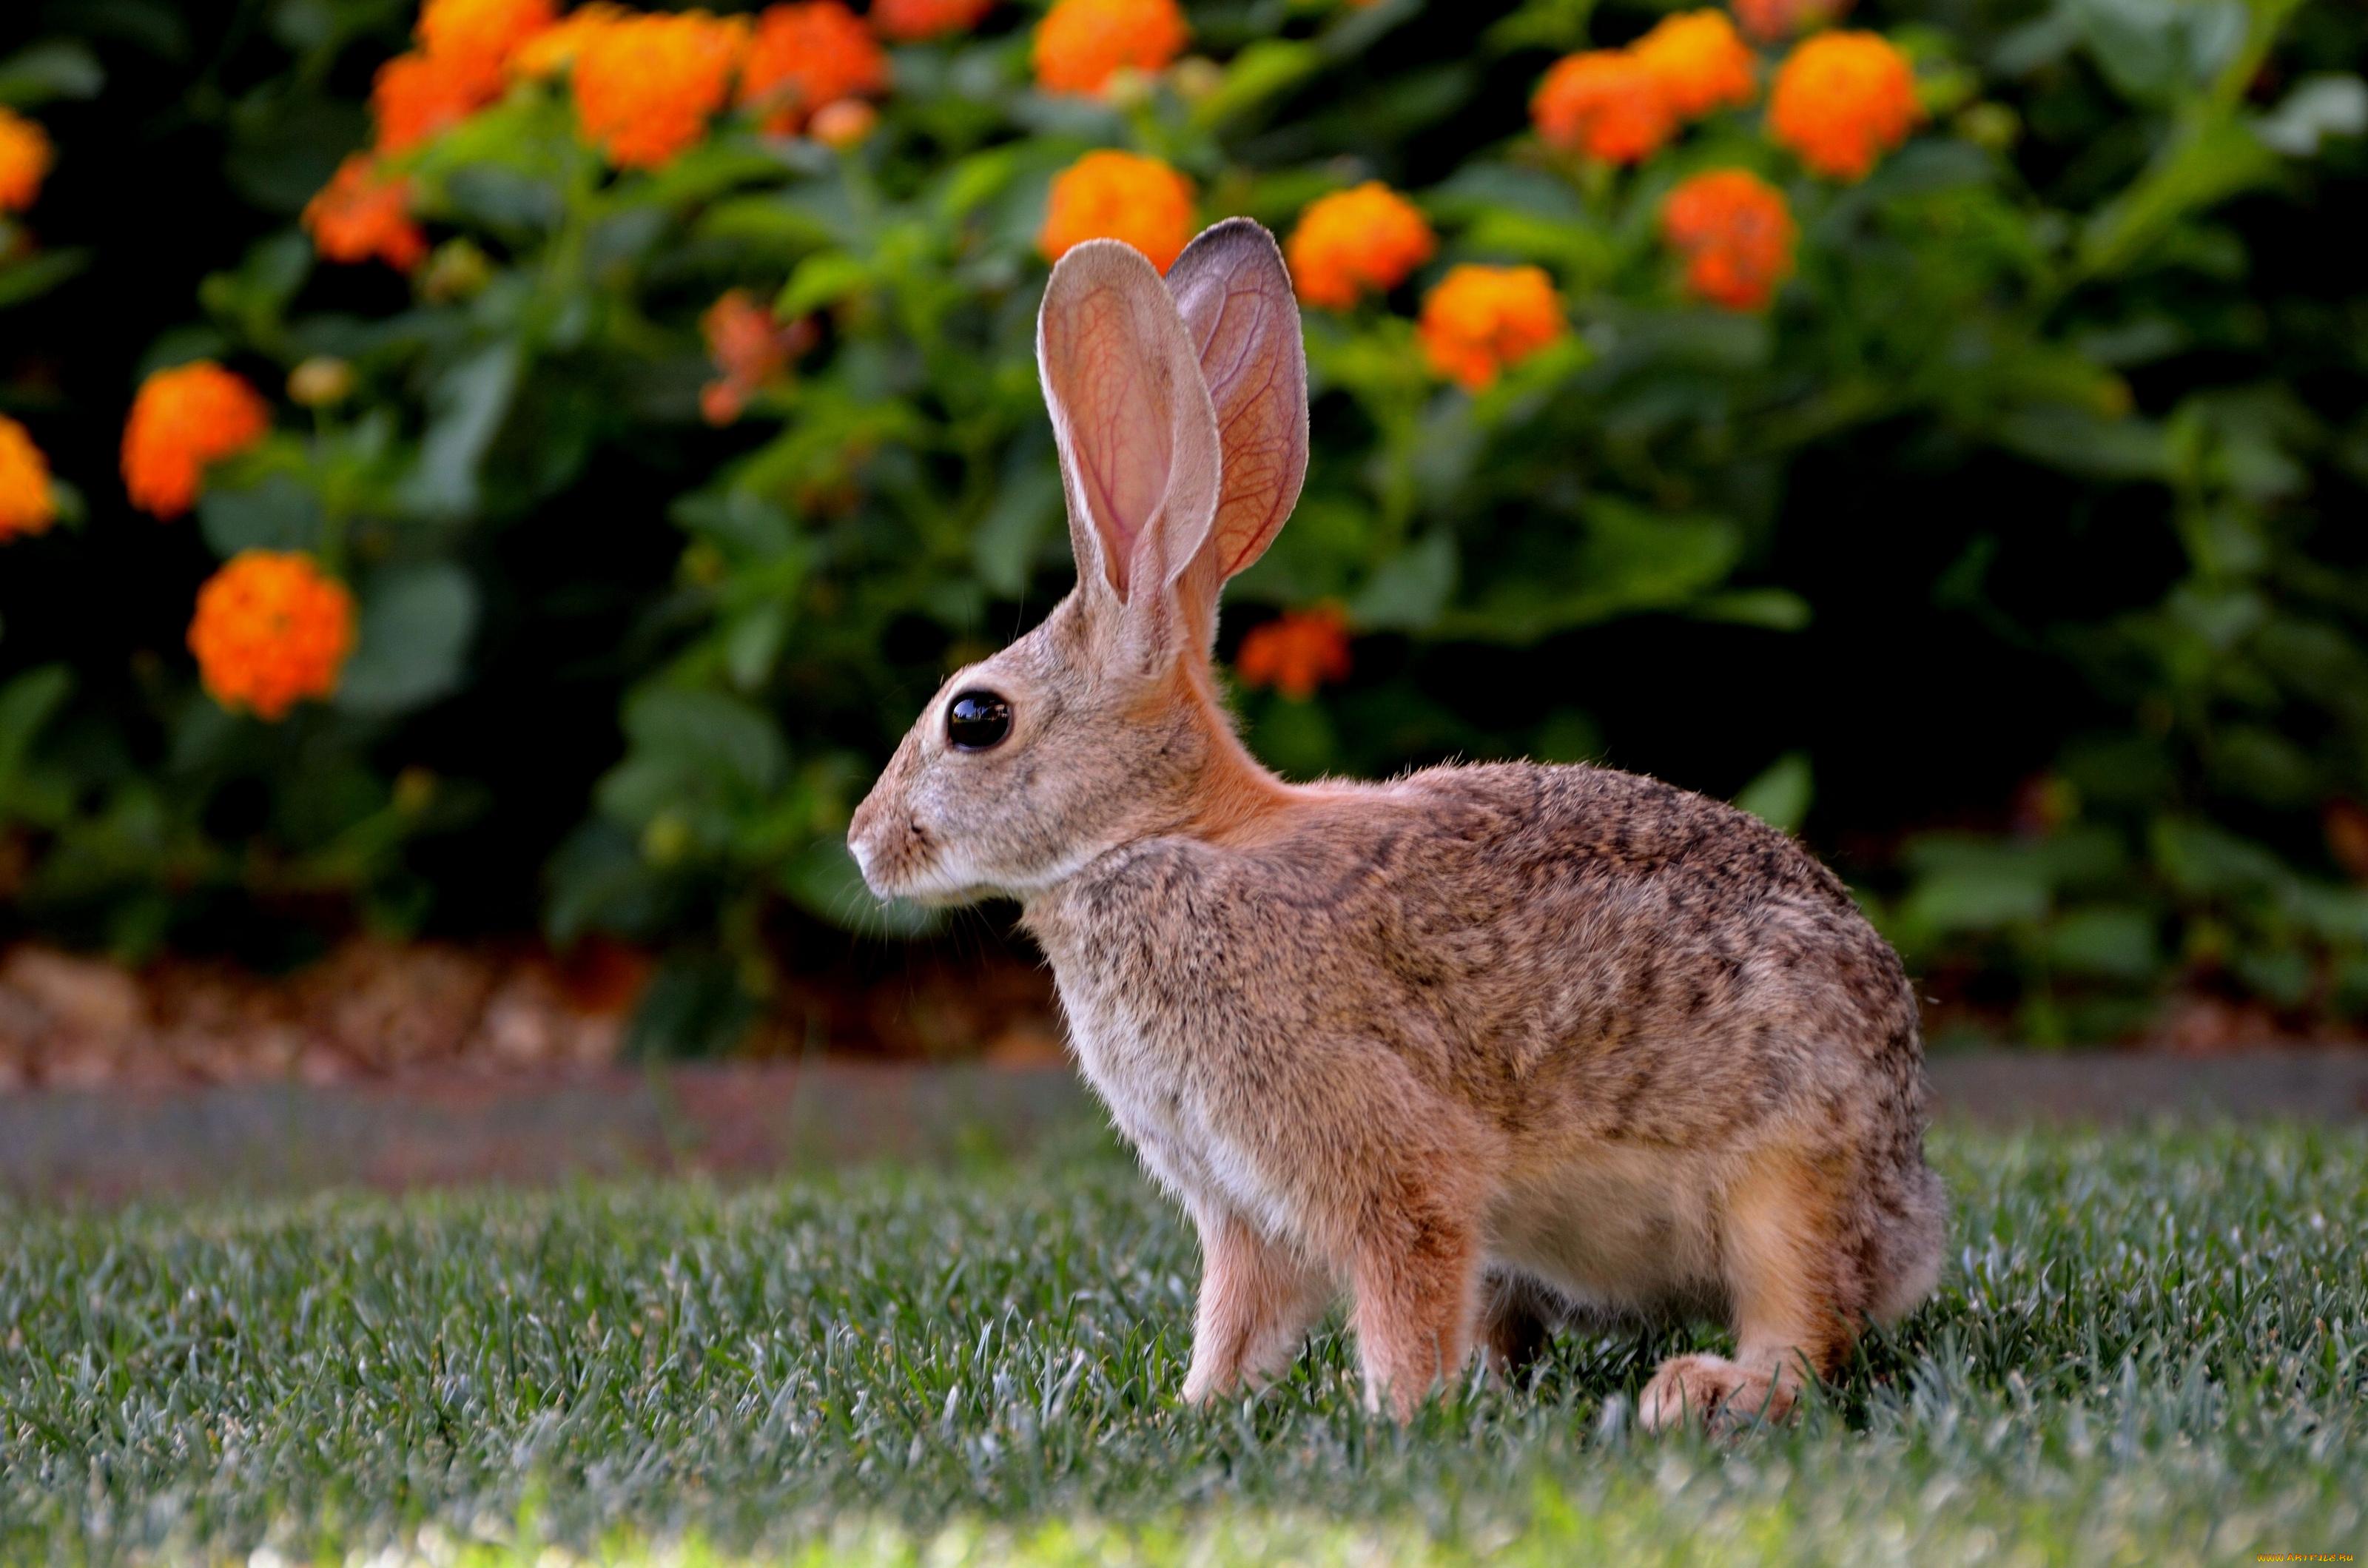 природа животное кролик  № 1593166 бесплатно